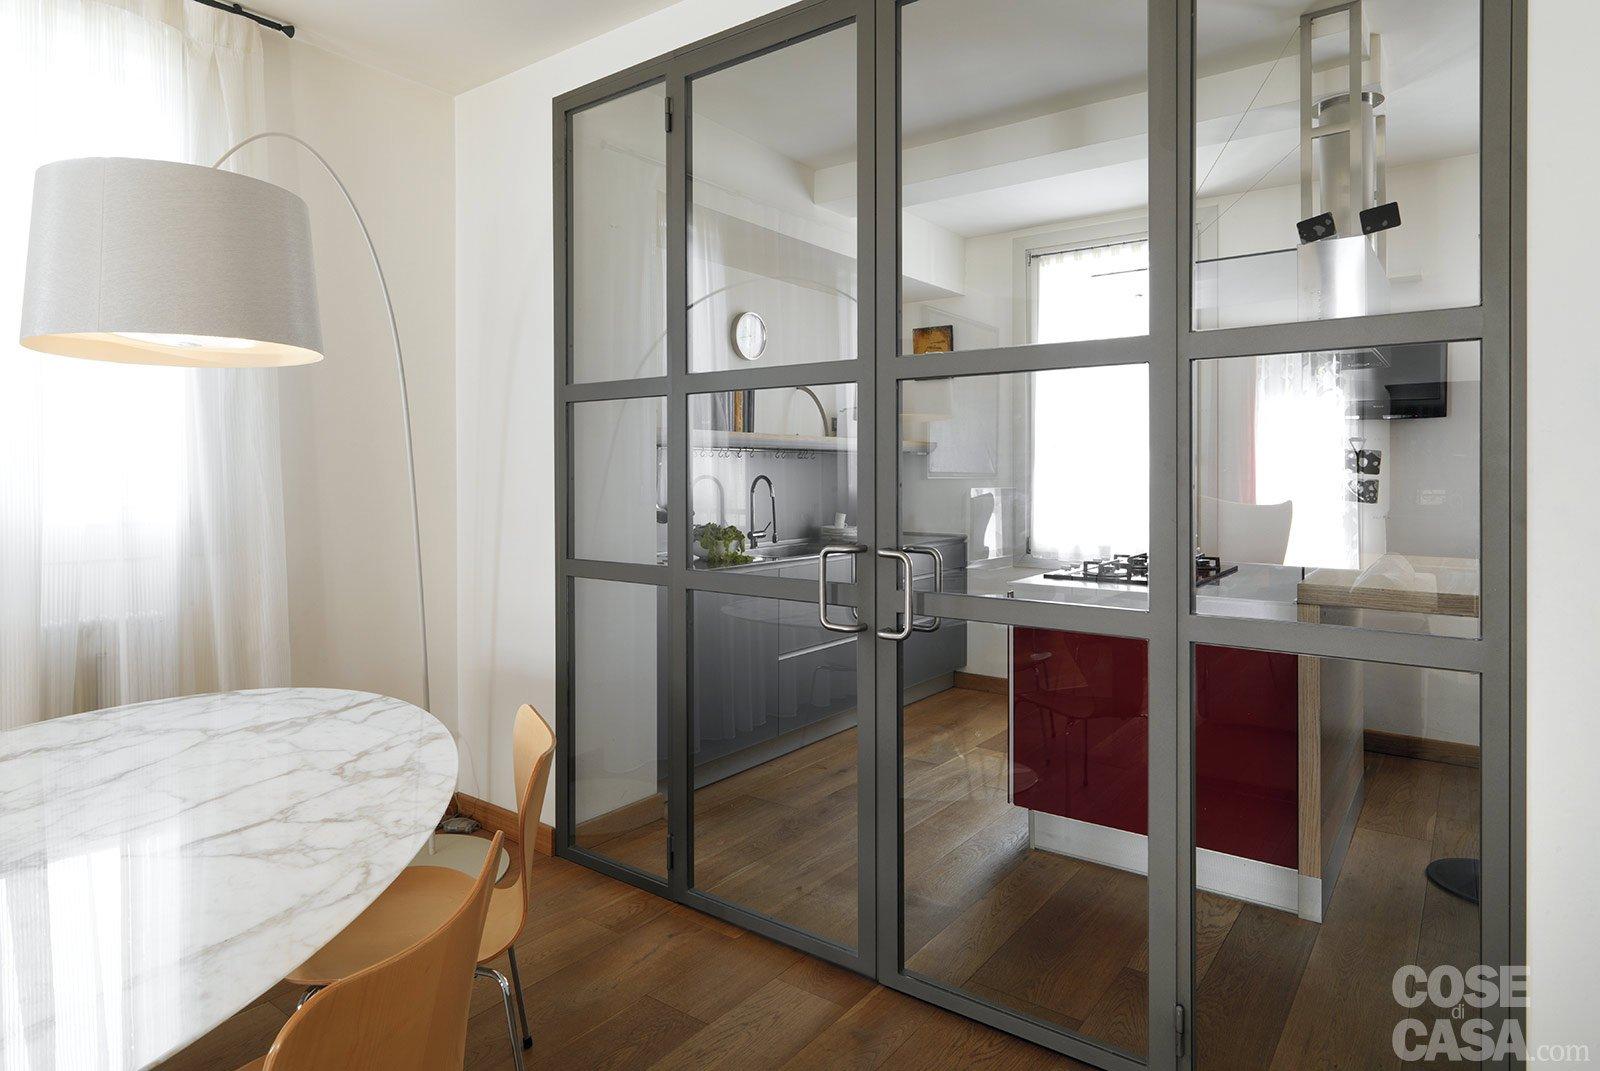 Una casa con zona giorno open space e camera sottotetto for Cucina a pianta aperta e camera familiare